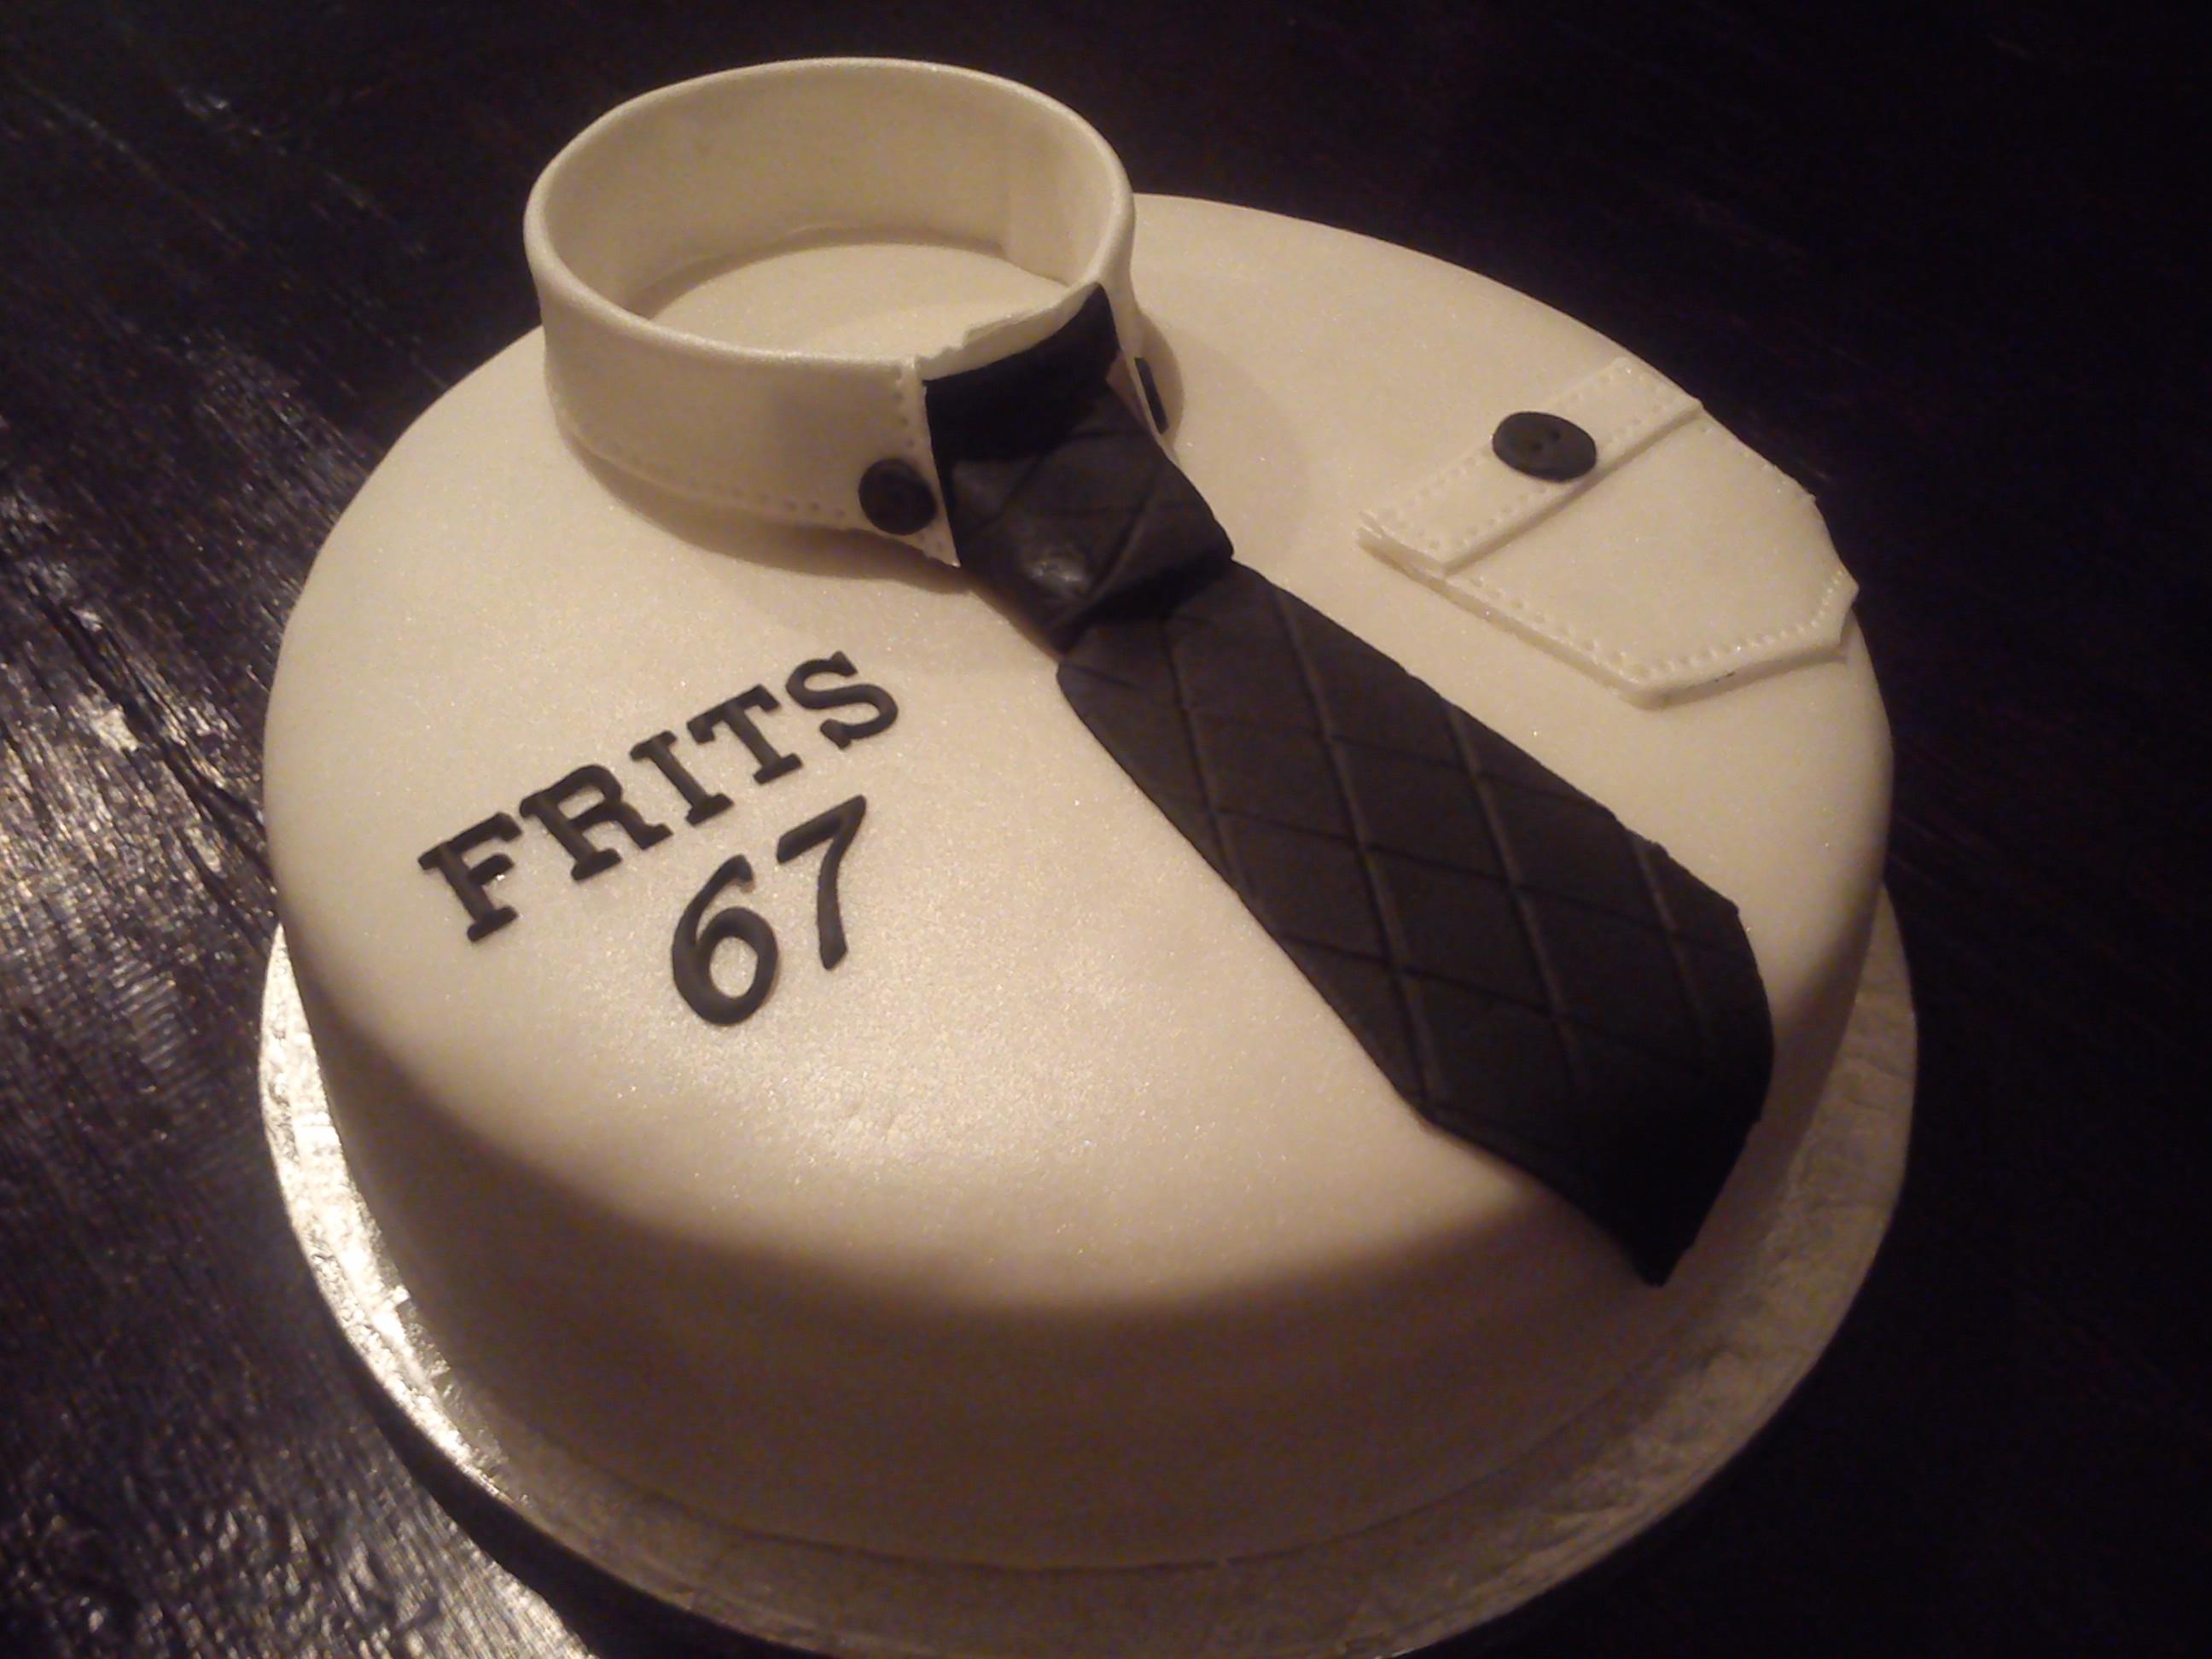 Frits_67b